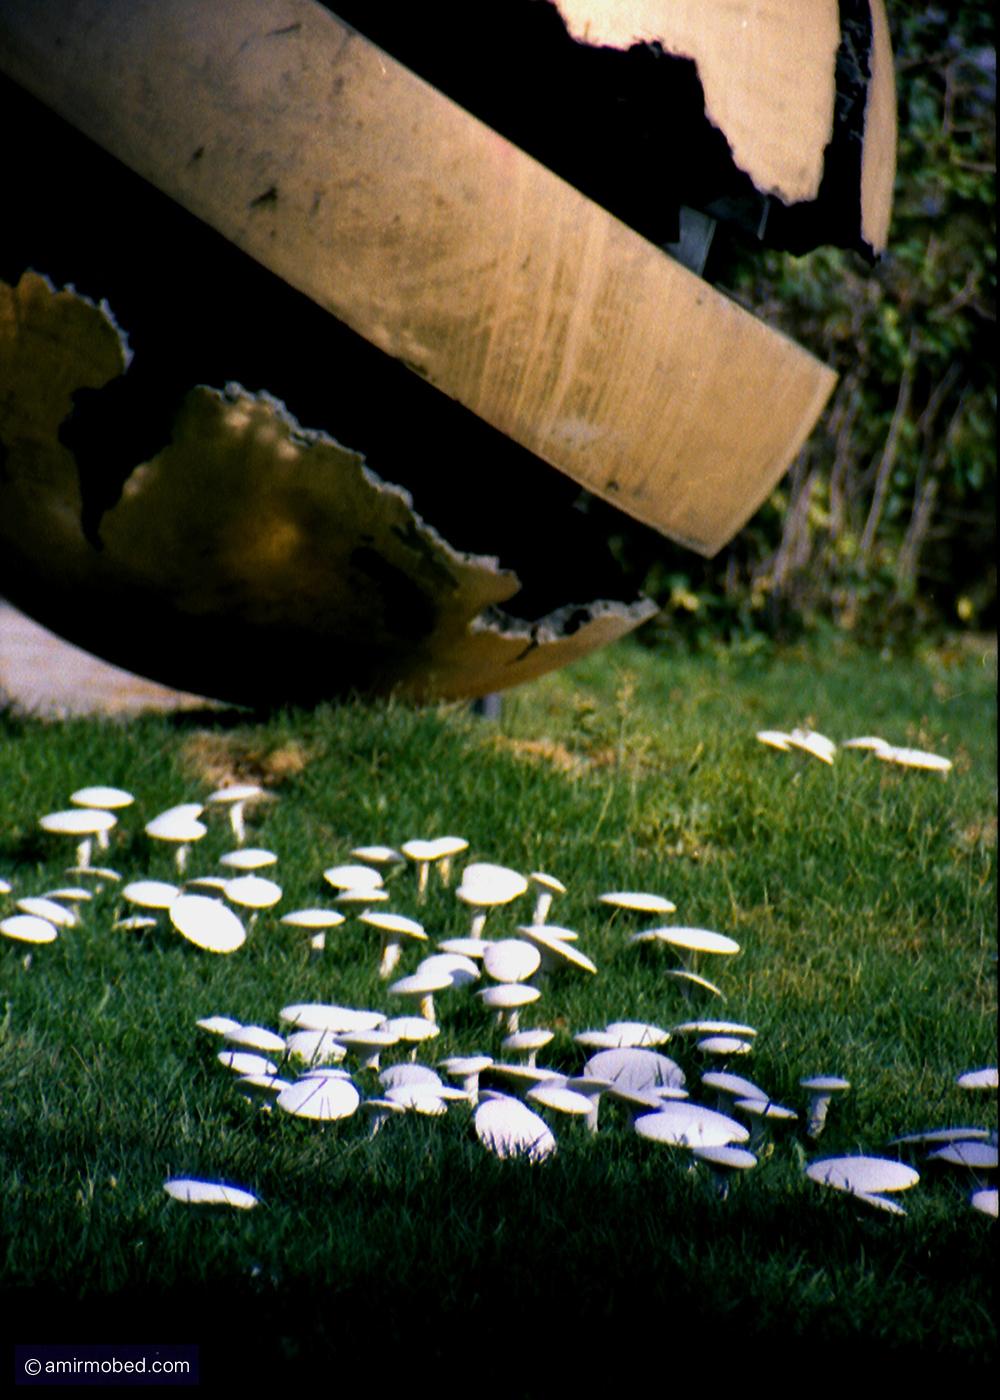 Mushrooms, 2002, Installation, 12,000 plaster mushrooms in the Sculpture Garden, Tehran Museum of Contemporary Art